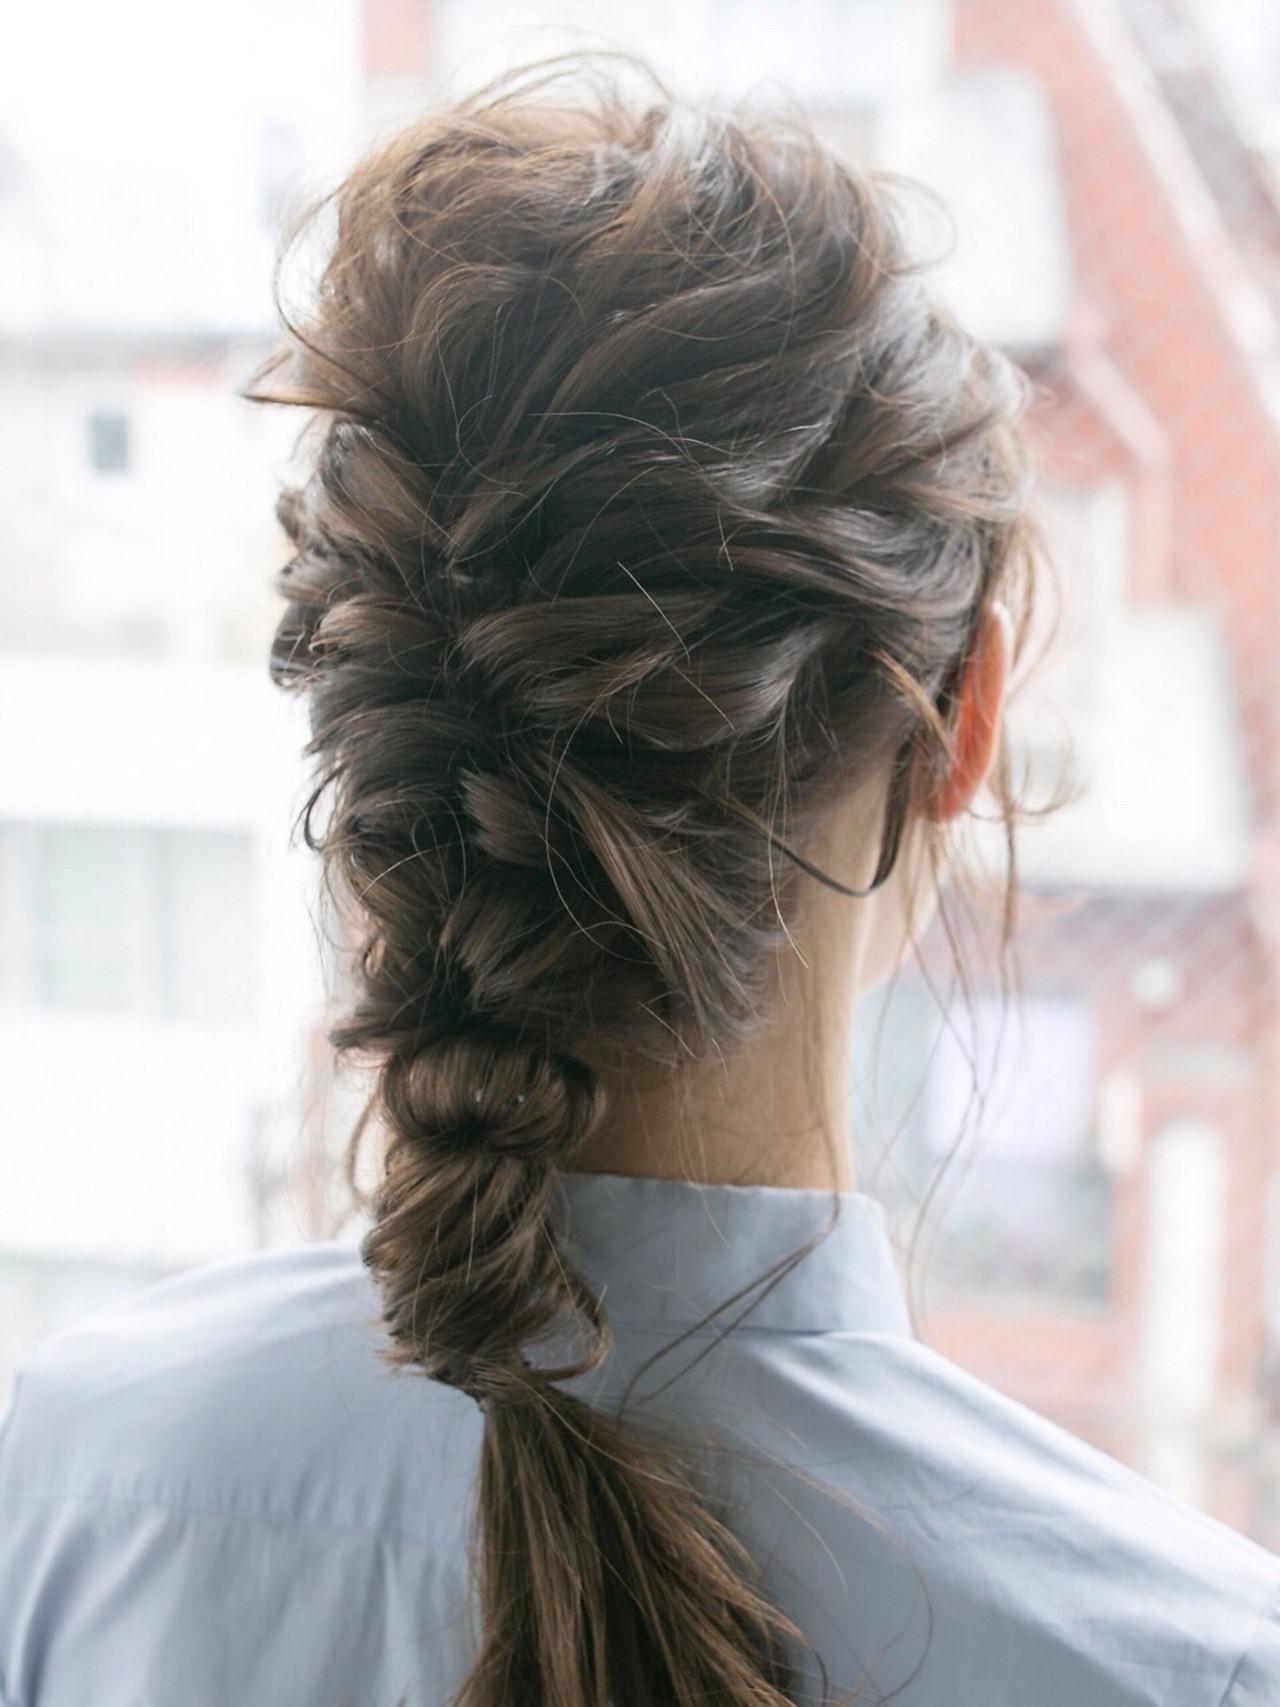 ナチュラル アンニュイほつれヘア セミロング 結婚式 ヘアスタイルや髪型の写真・画像 | 杉本 佳奈 / SOCO